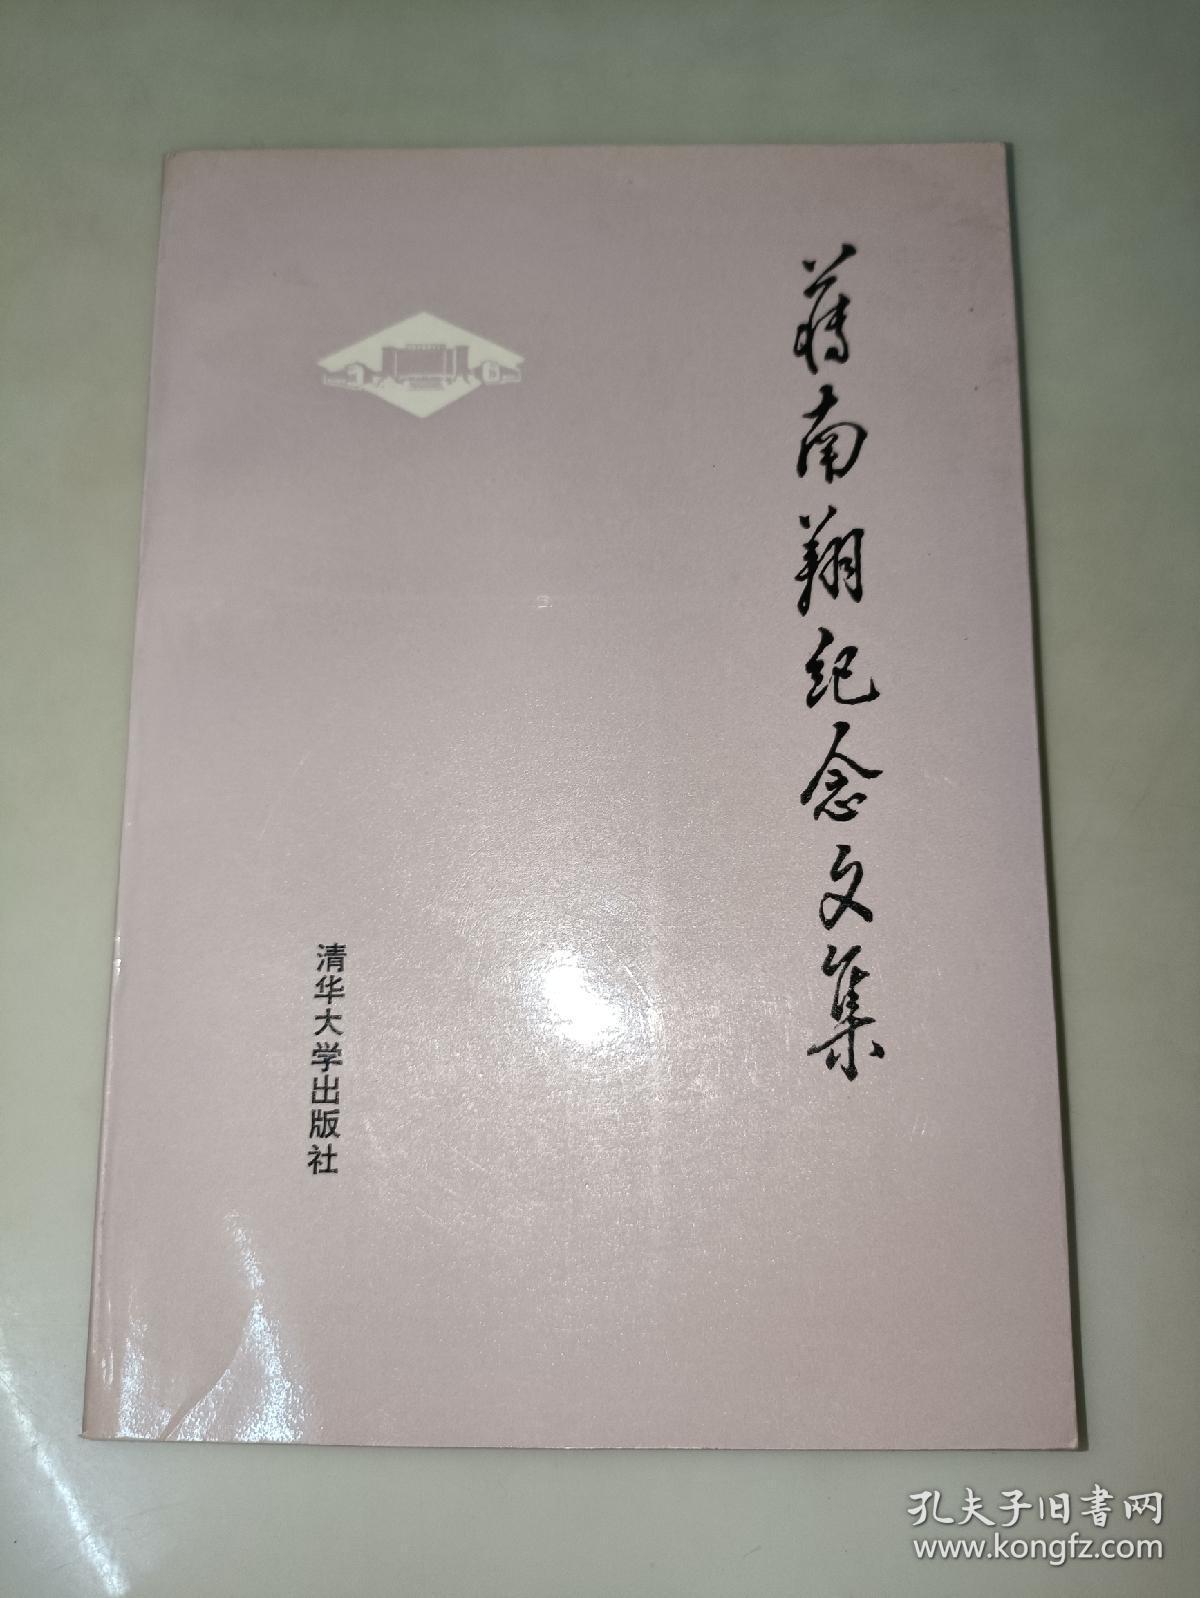 蒋南翔纪念文集  清华大学出版社  一版一印